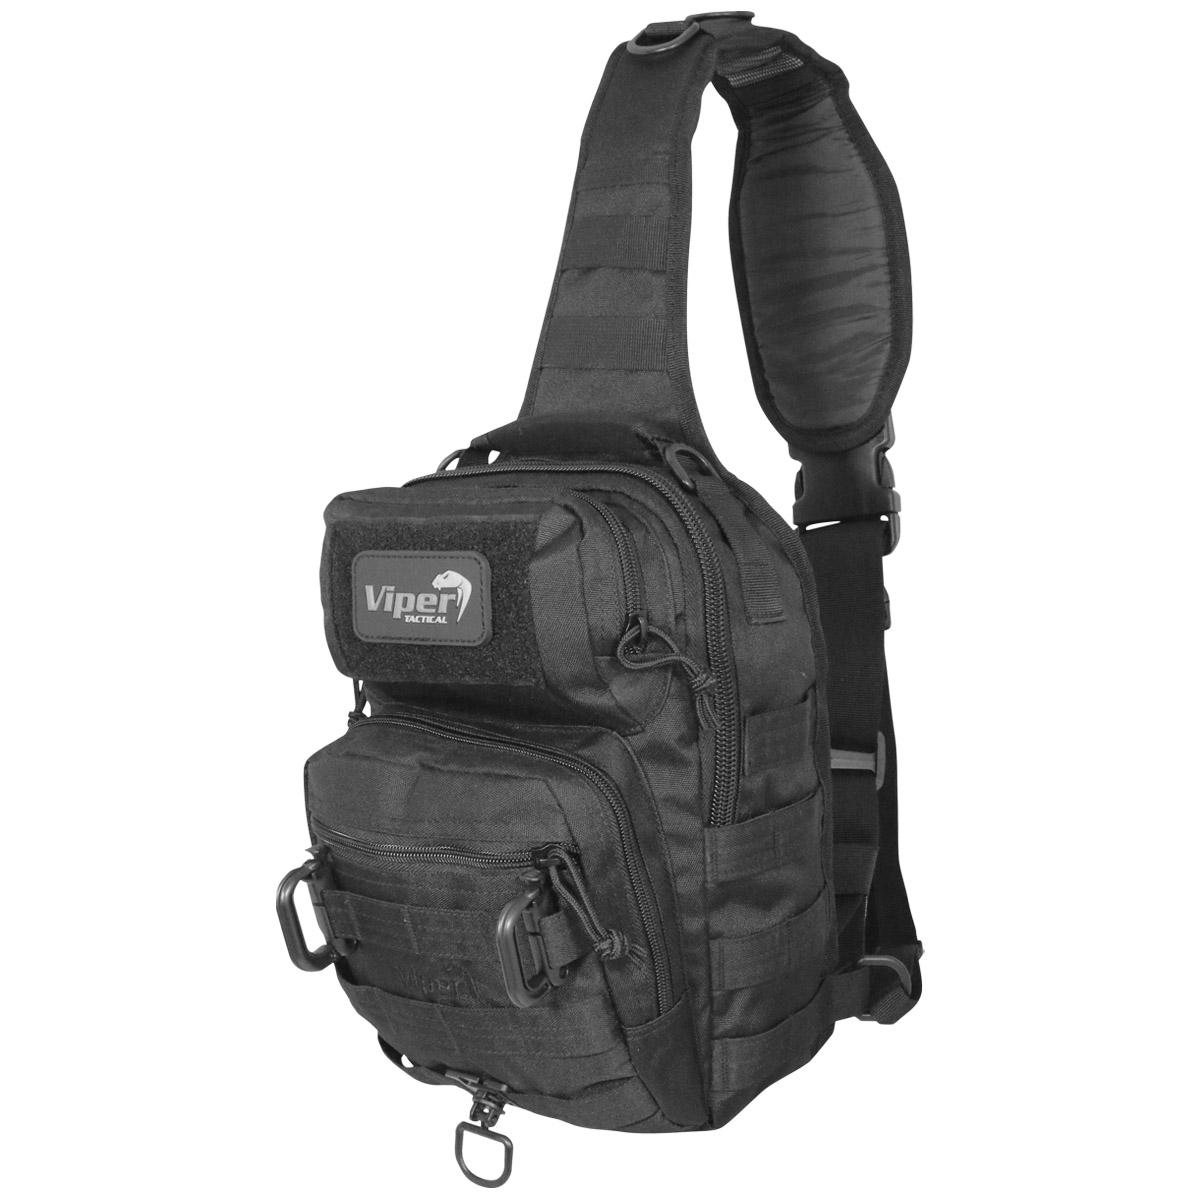 Travel Chest Bag